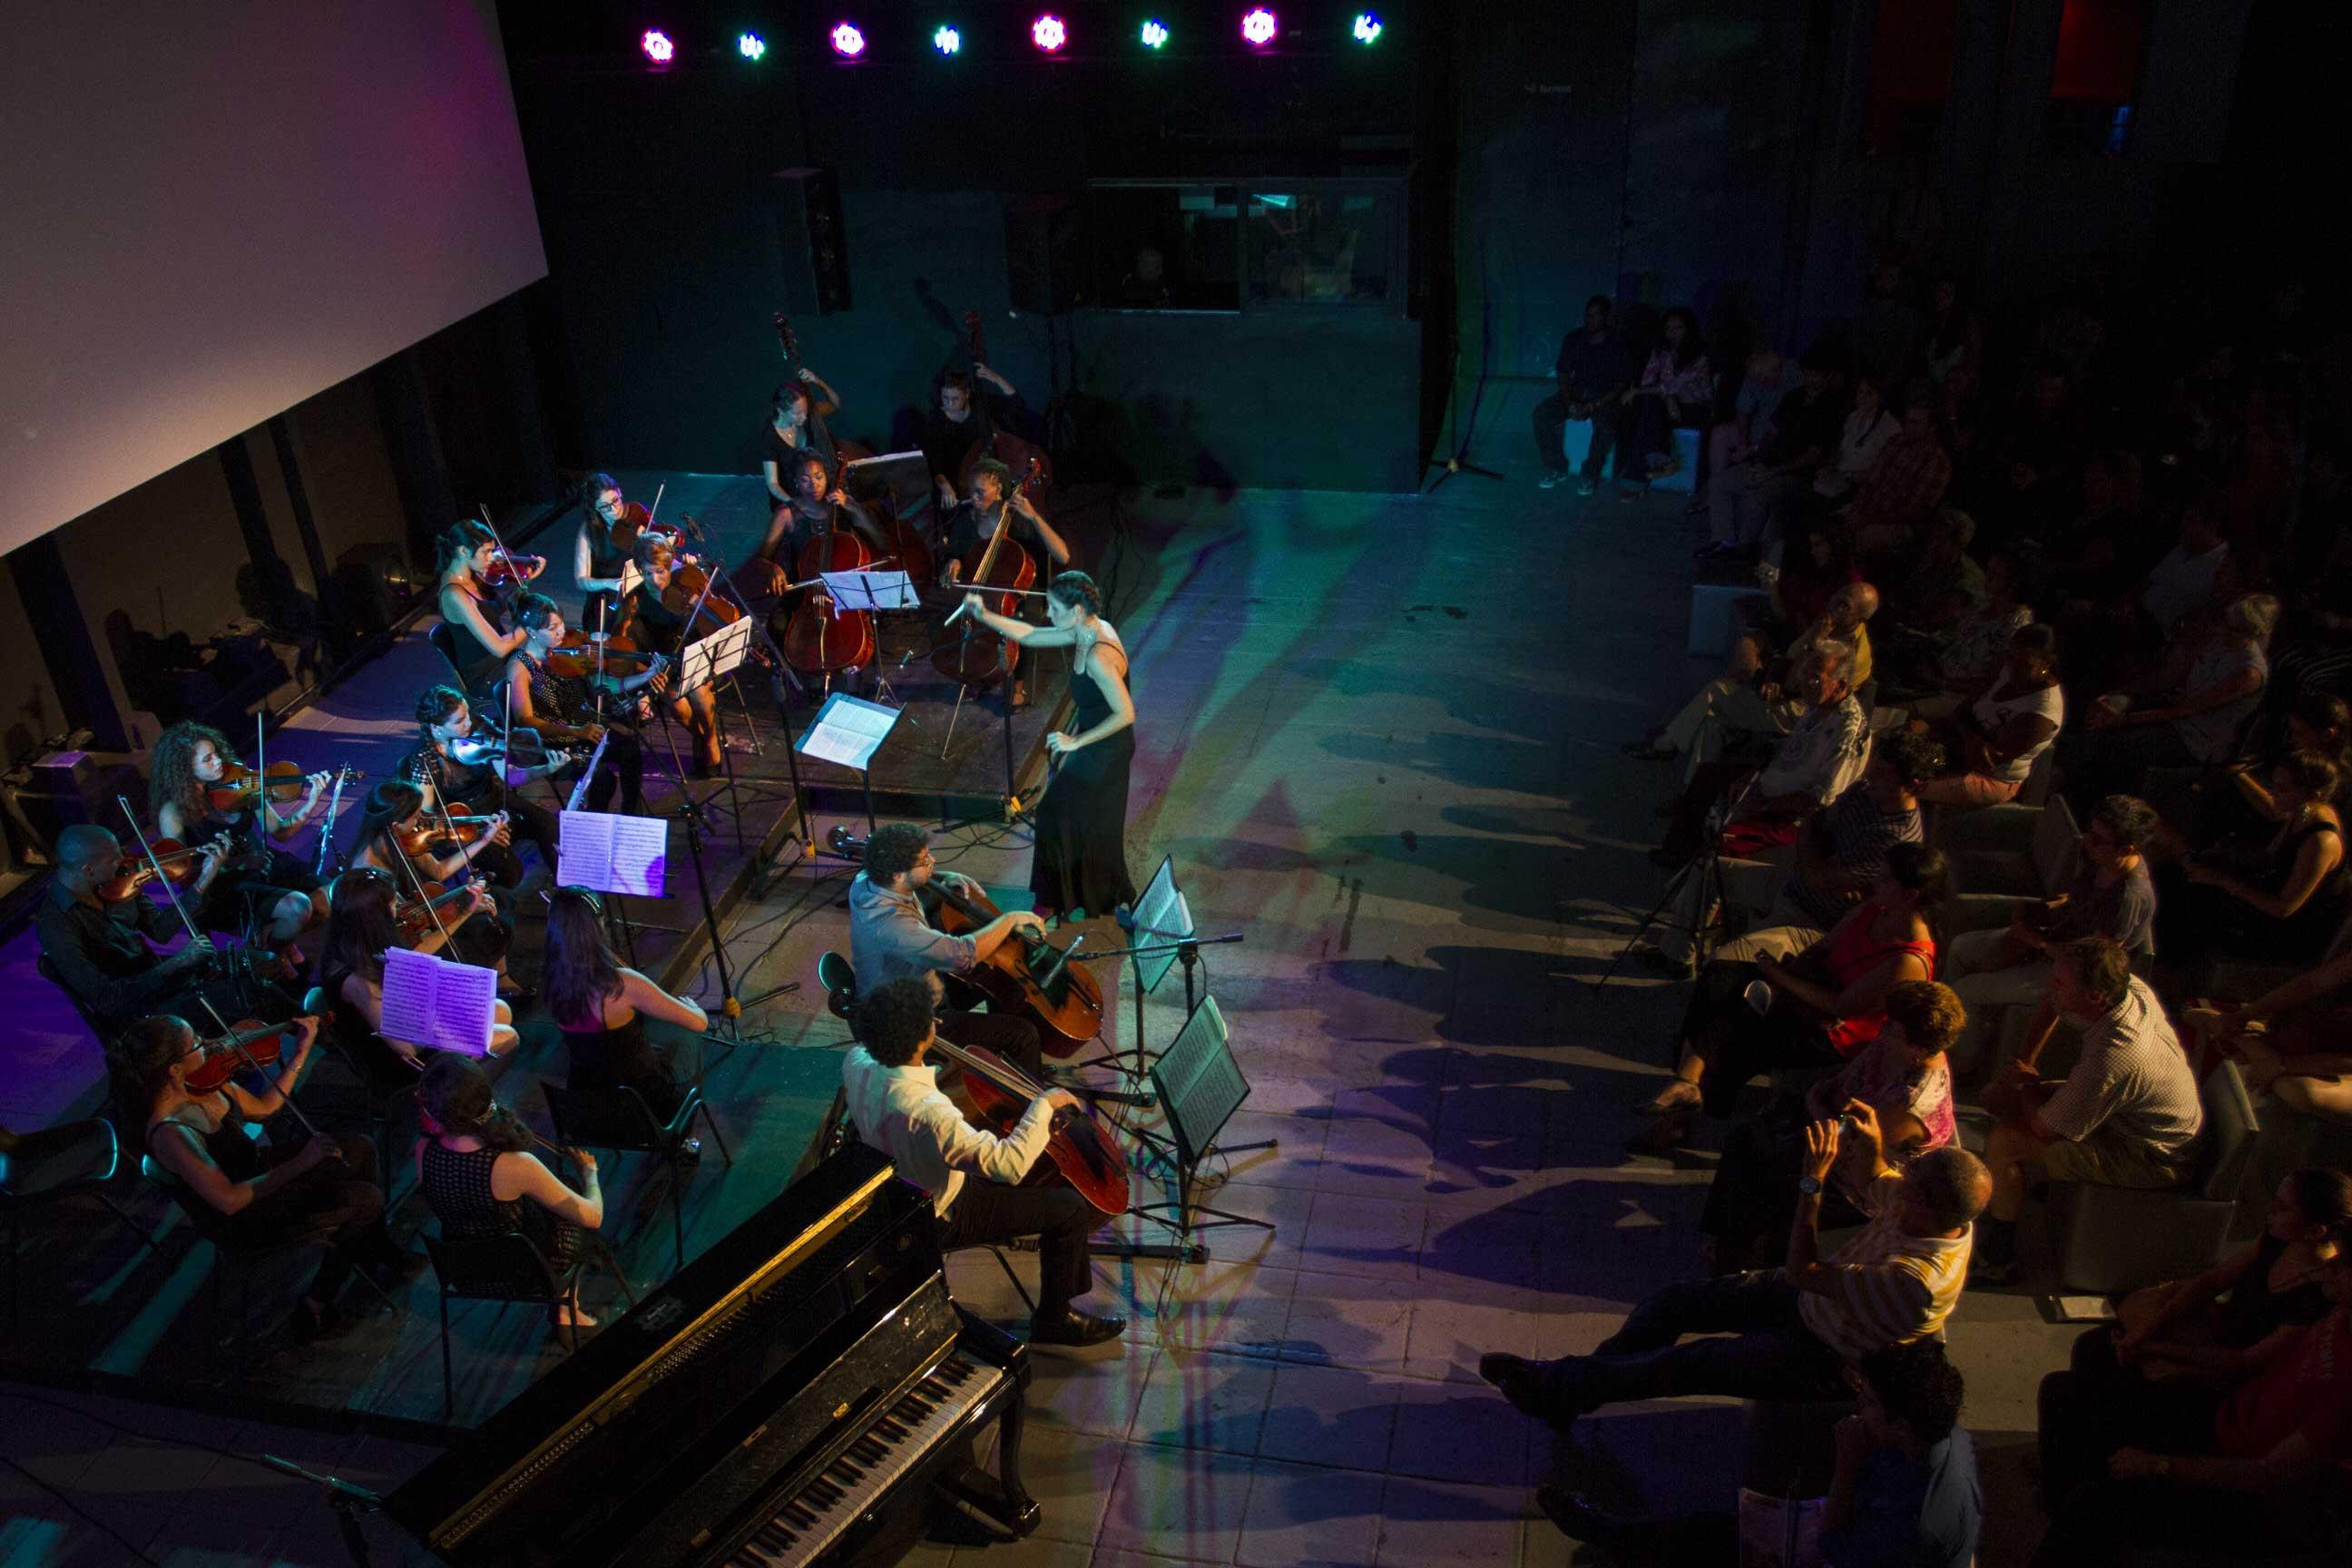 Concierto de música de cámara a cargo de la Orquesta de Cámara de La Habana, dirigida por Daiana García. Foto: Danay Nápoles.